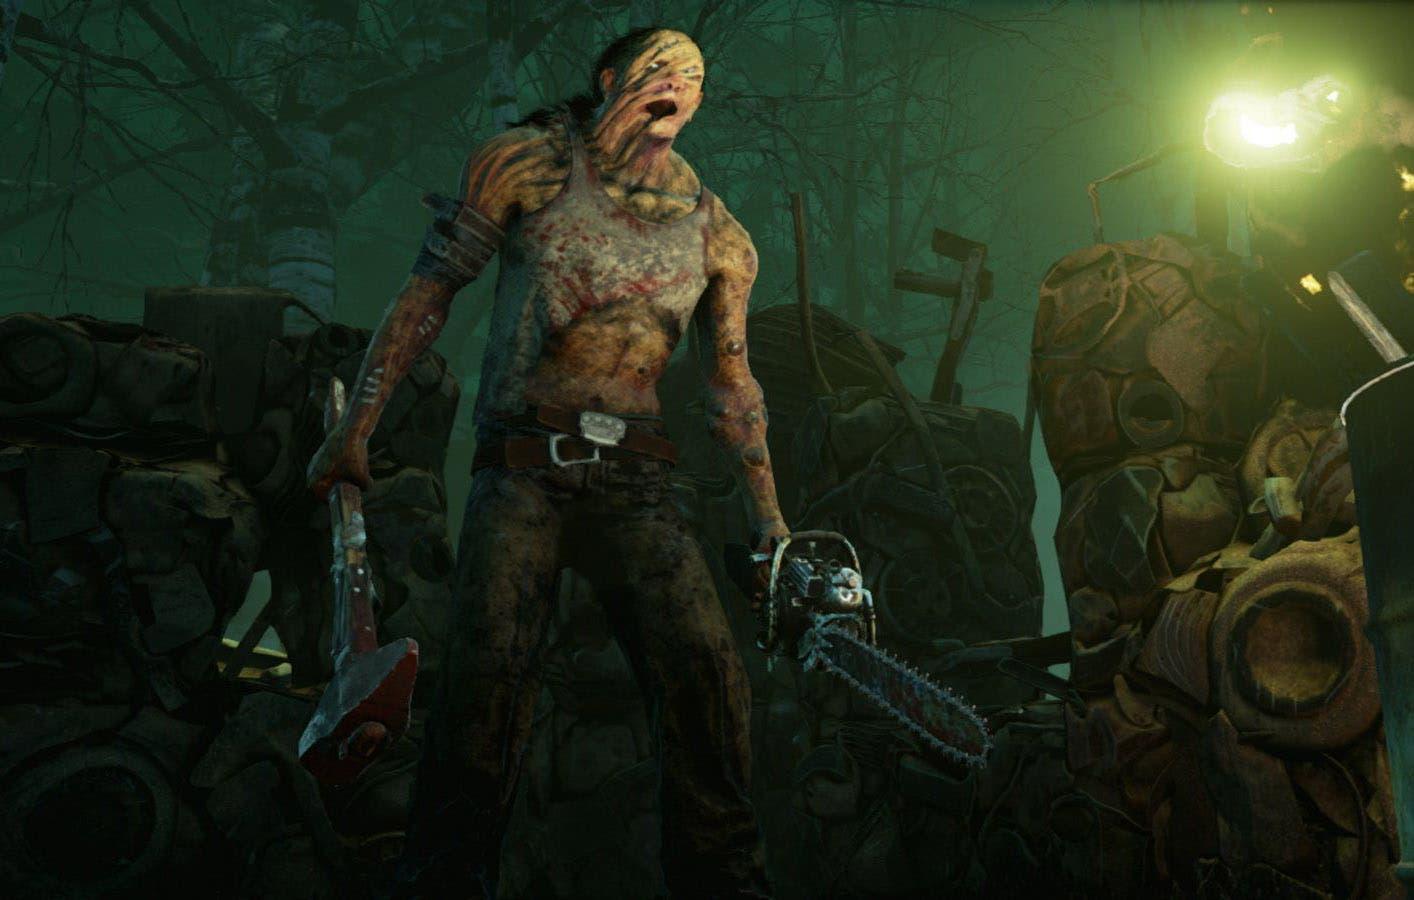 Dead by Daylight se prepara para nerfear a uno de sus asesinos más poderosos 10